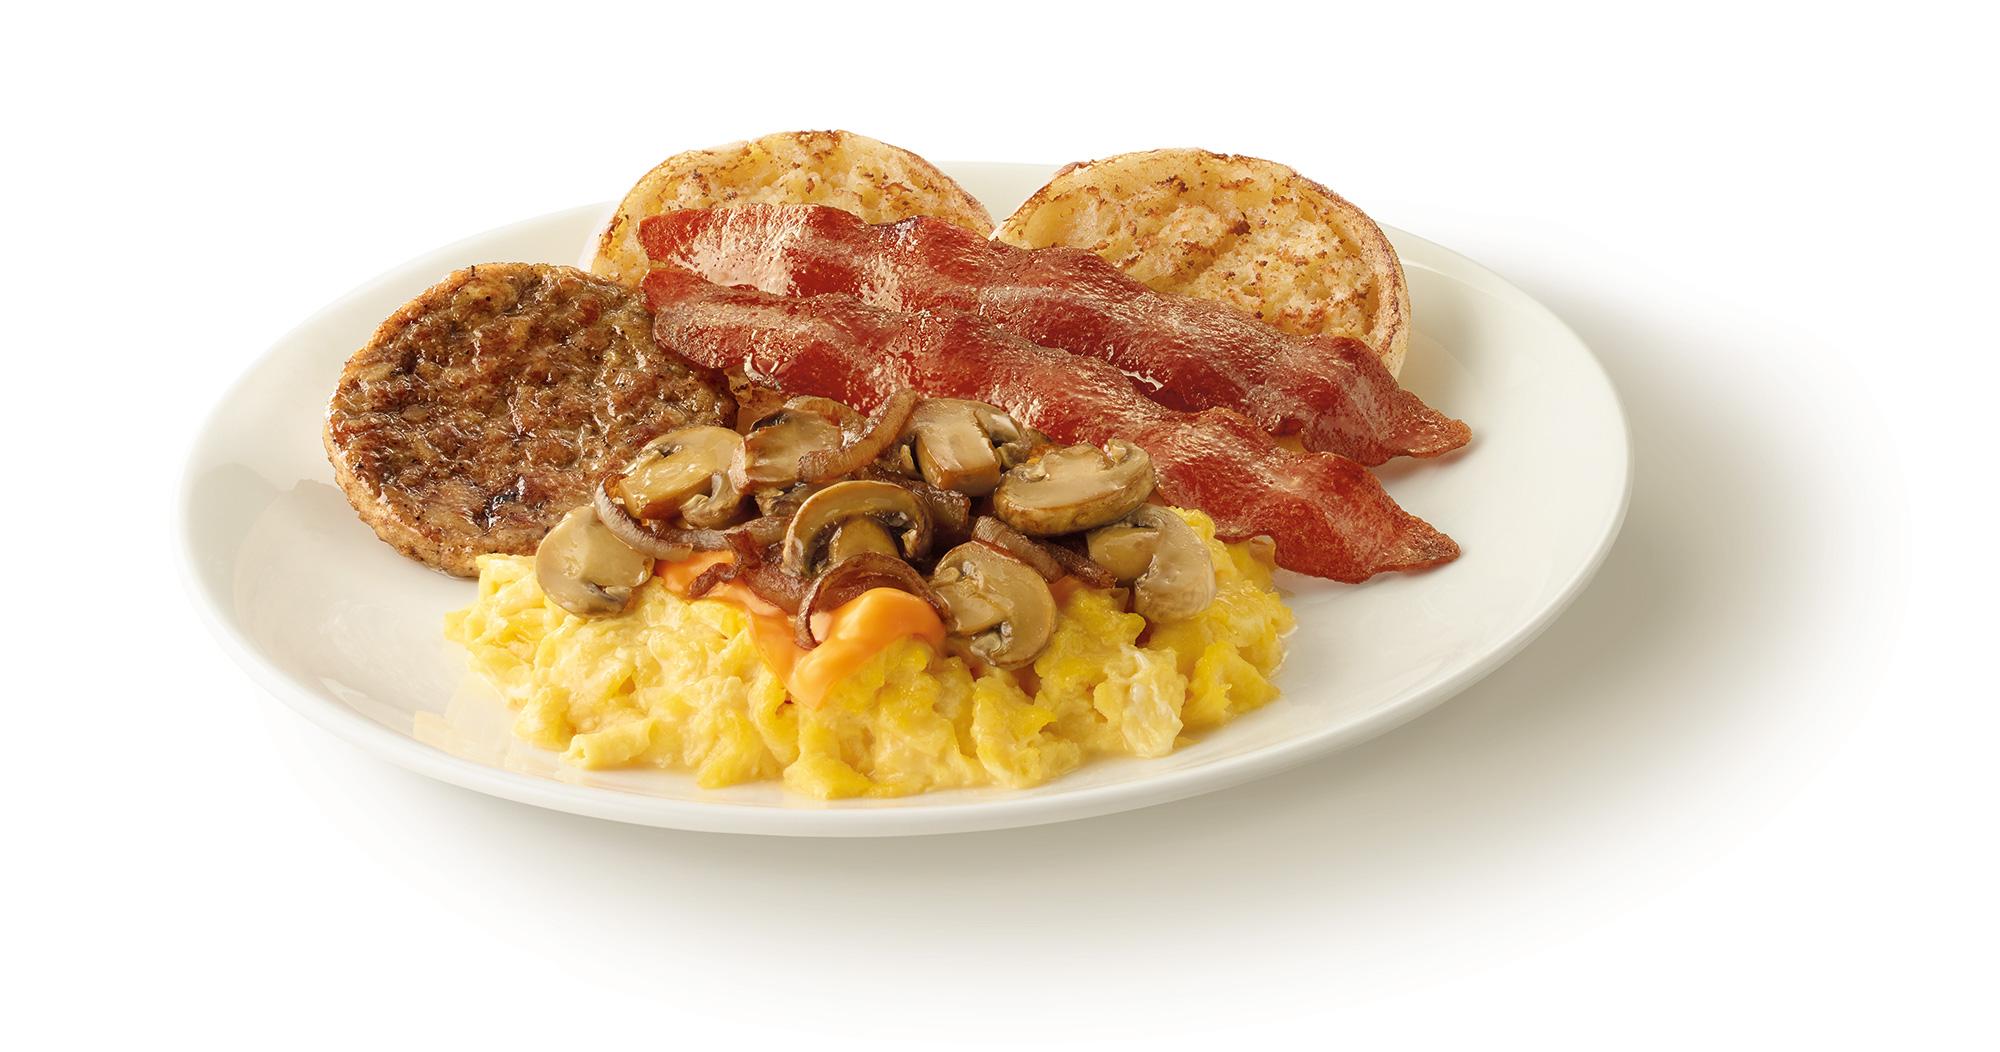 Mushroom_Grilled-Mushroom-Breakfast-Platter02_Sharp_SD